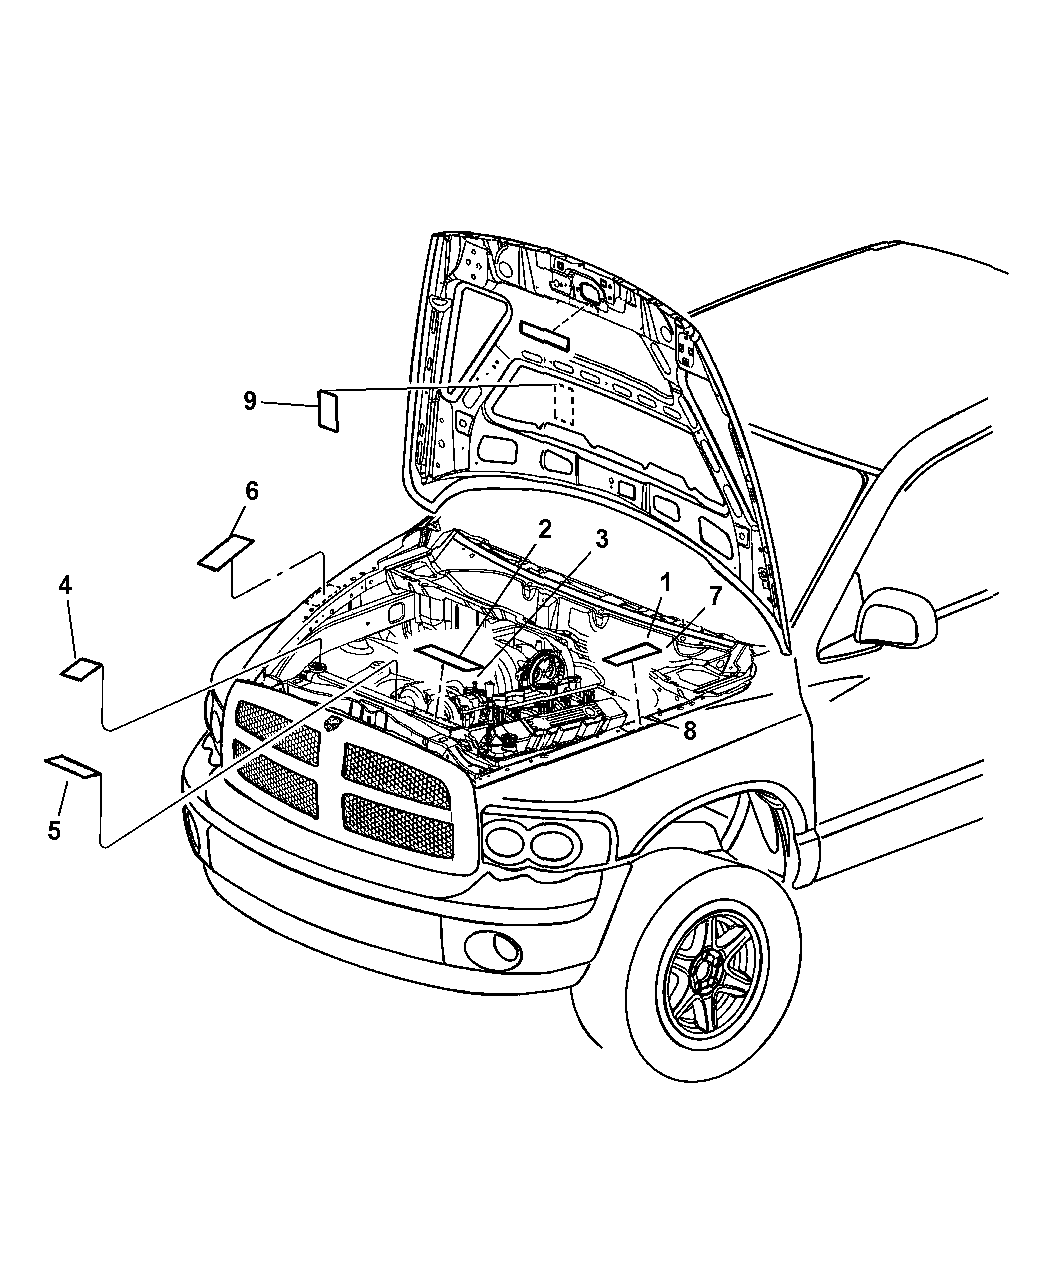 68000734aa Genuine Mopar Label Emission